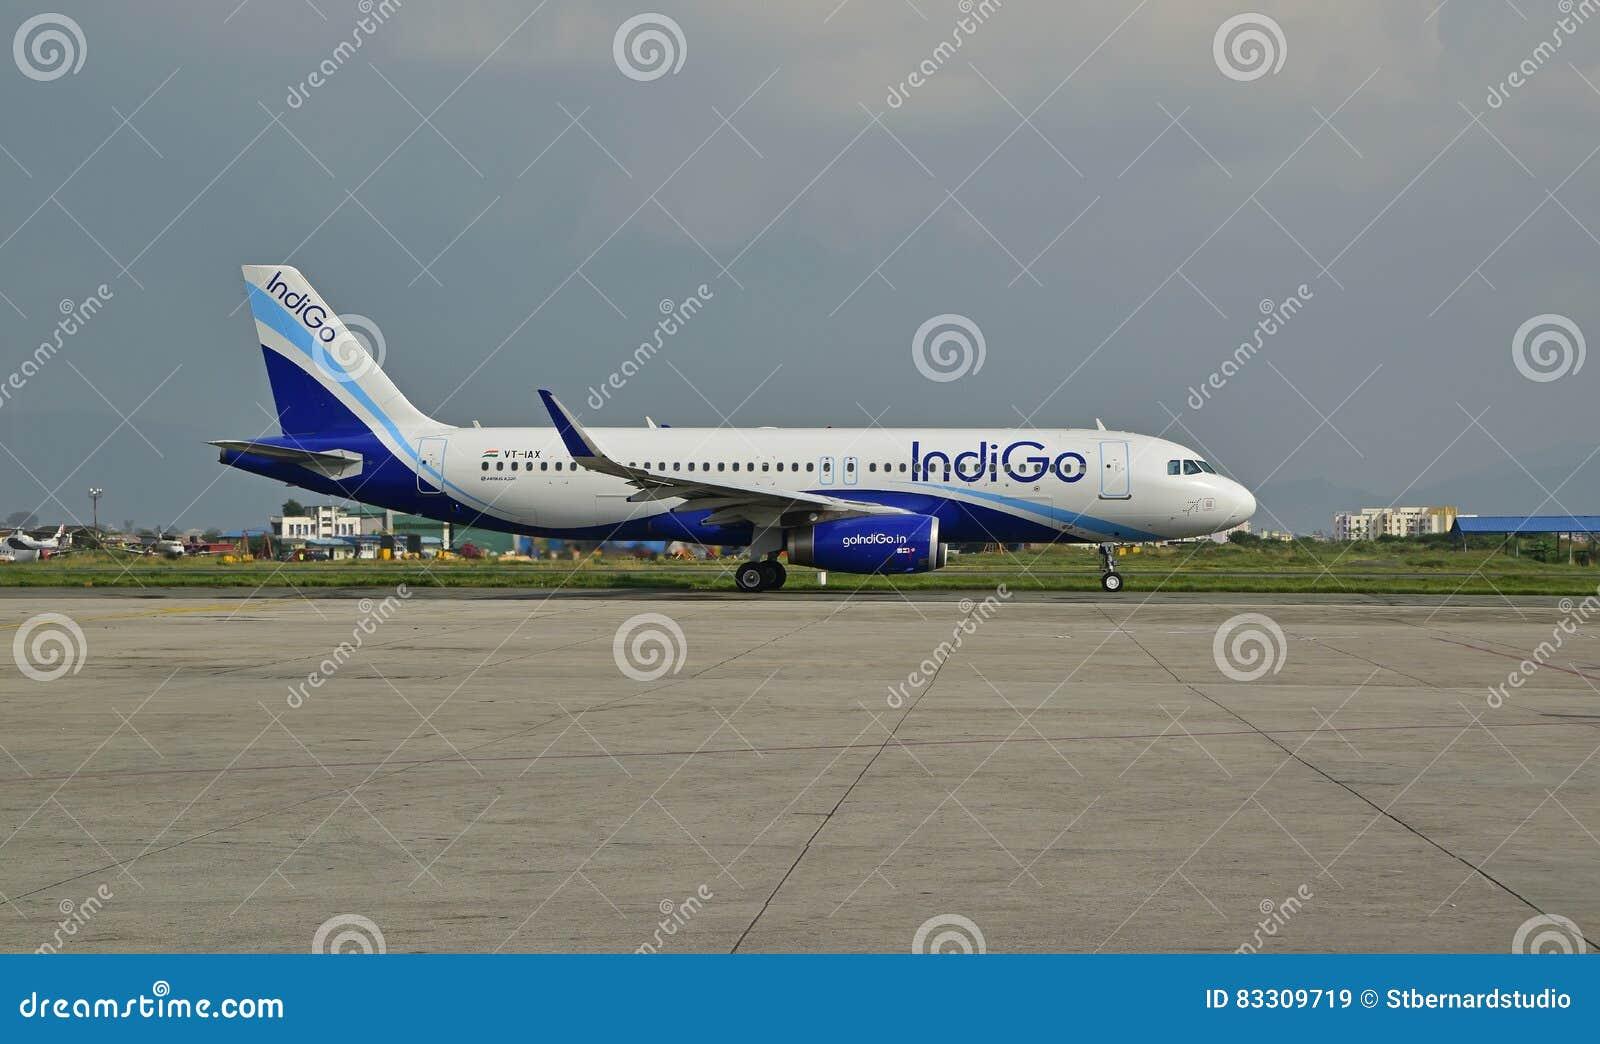 IndiGo Airline at Nepal Tribhuvan International Airport